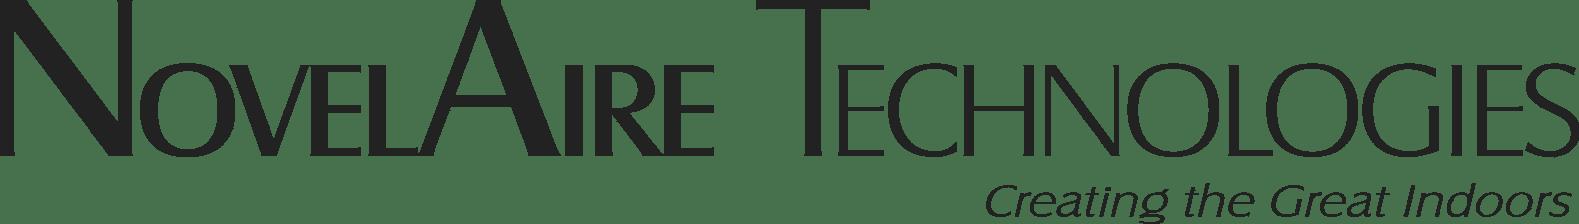 NovelAire Tech logo